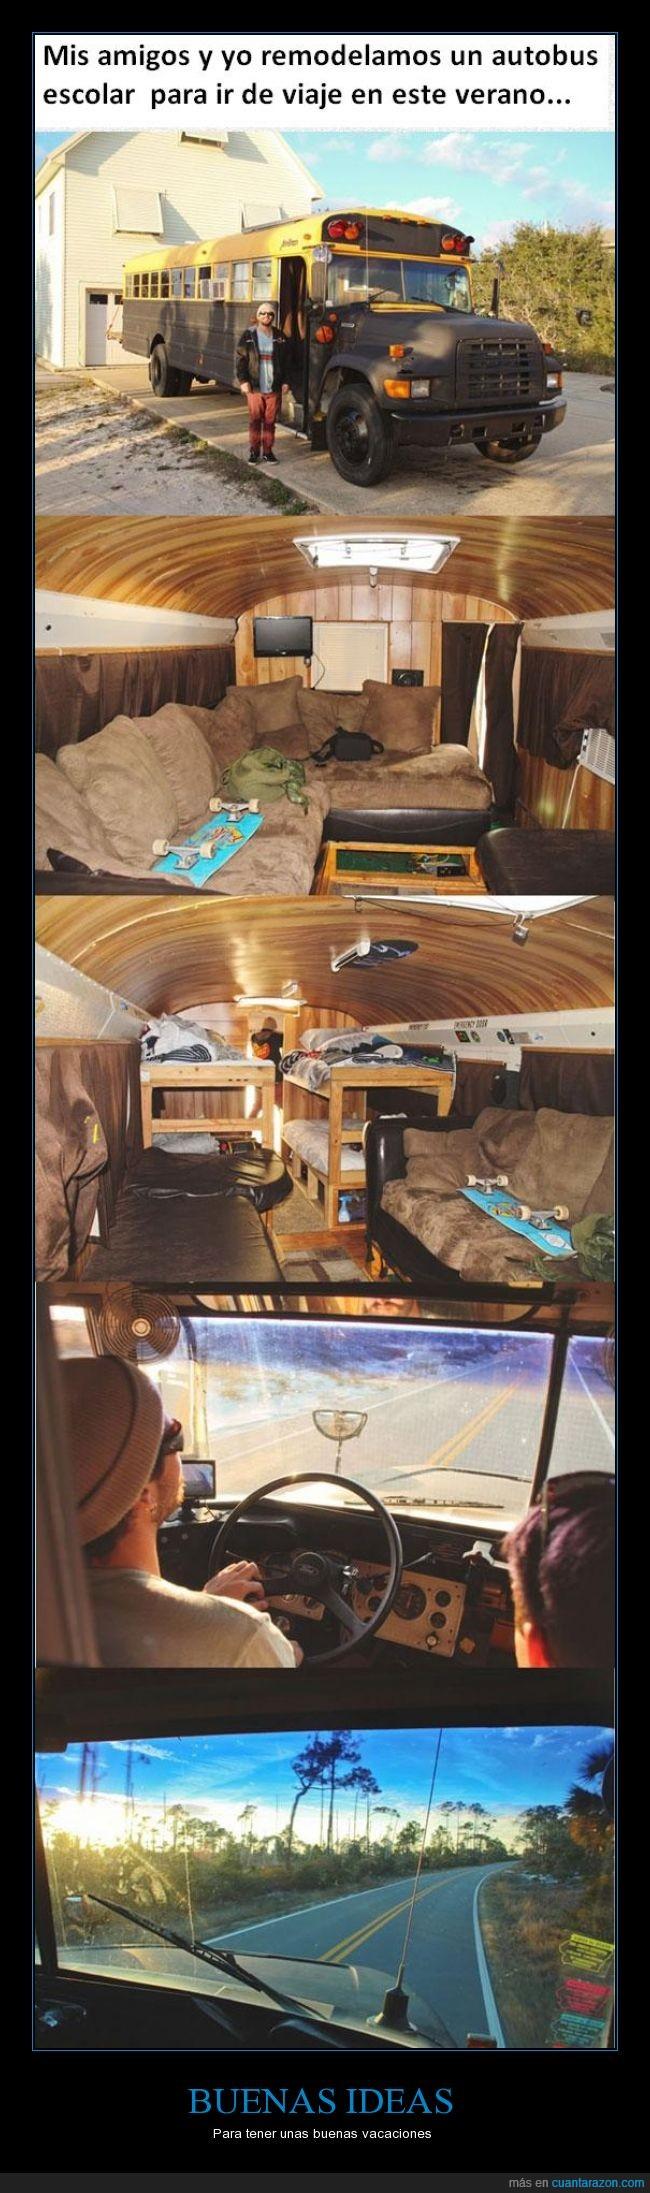 autobus,buena,colegio,construir,genial,idea,remodelar,vacaciones,verano